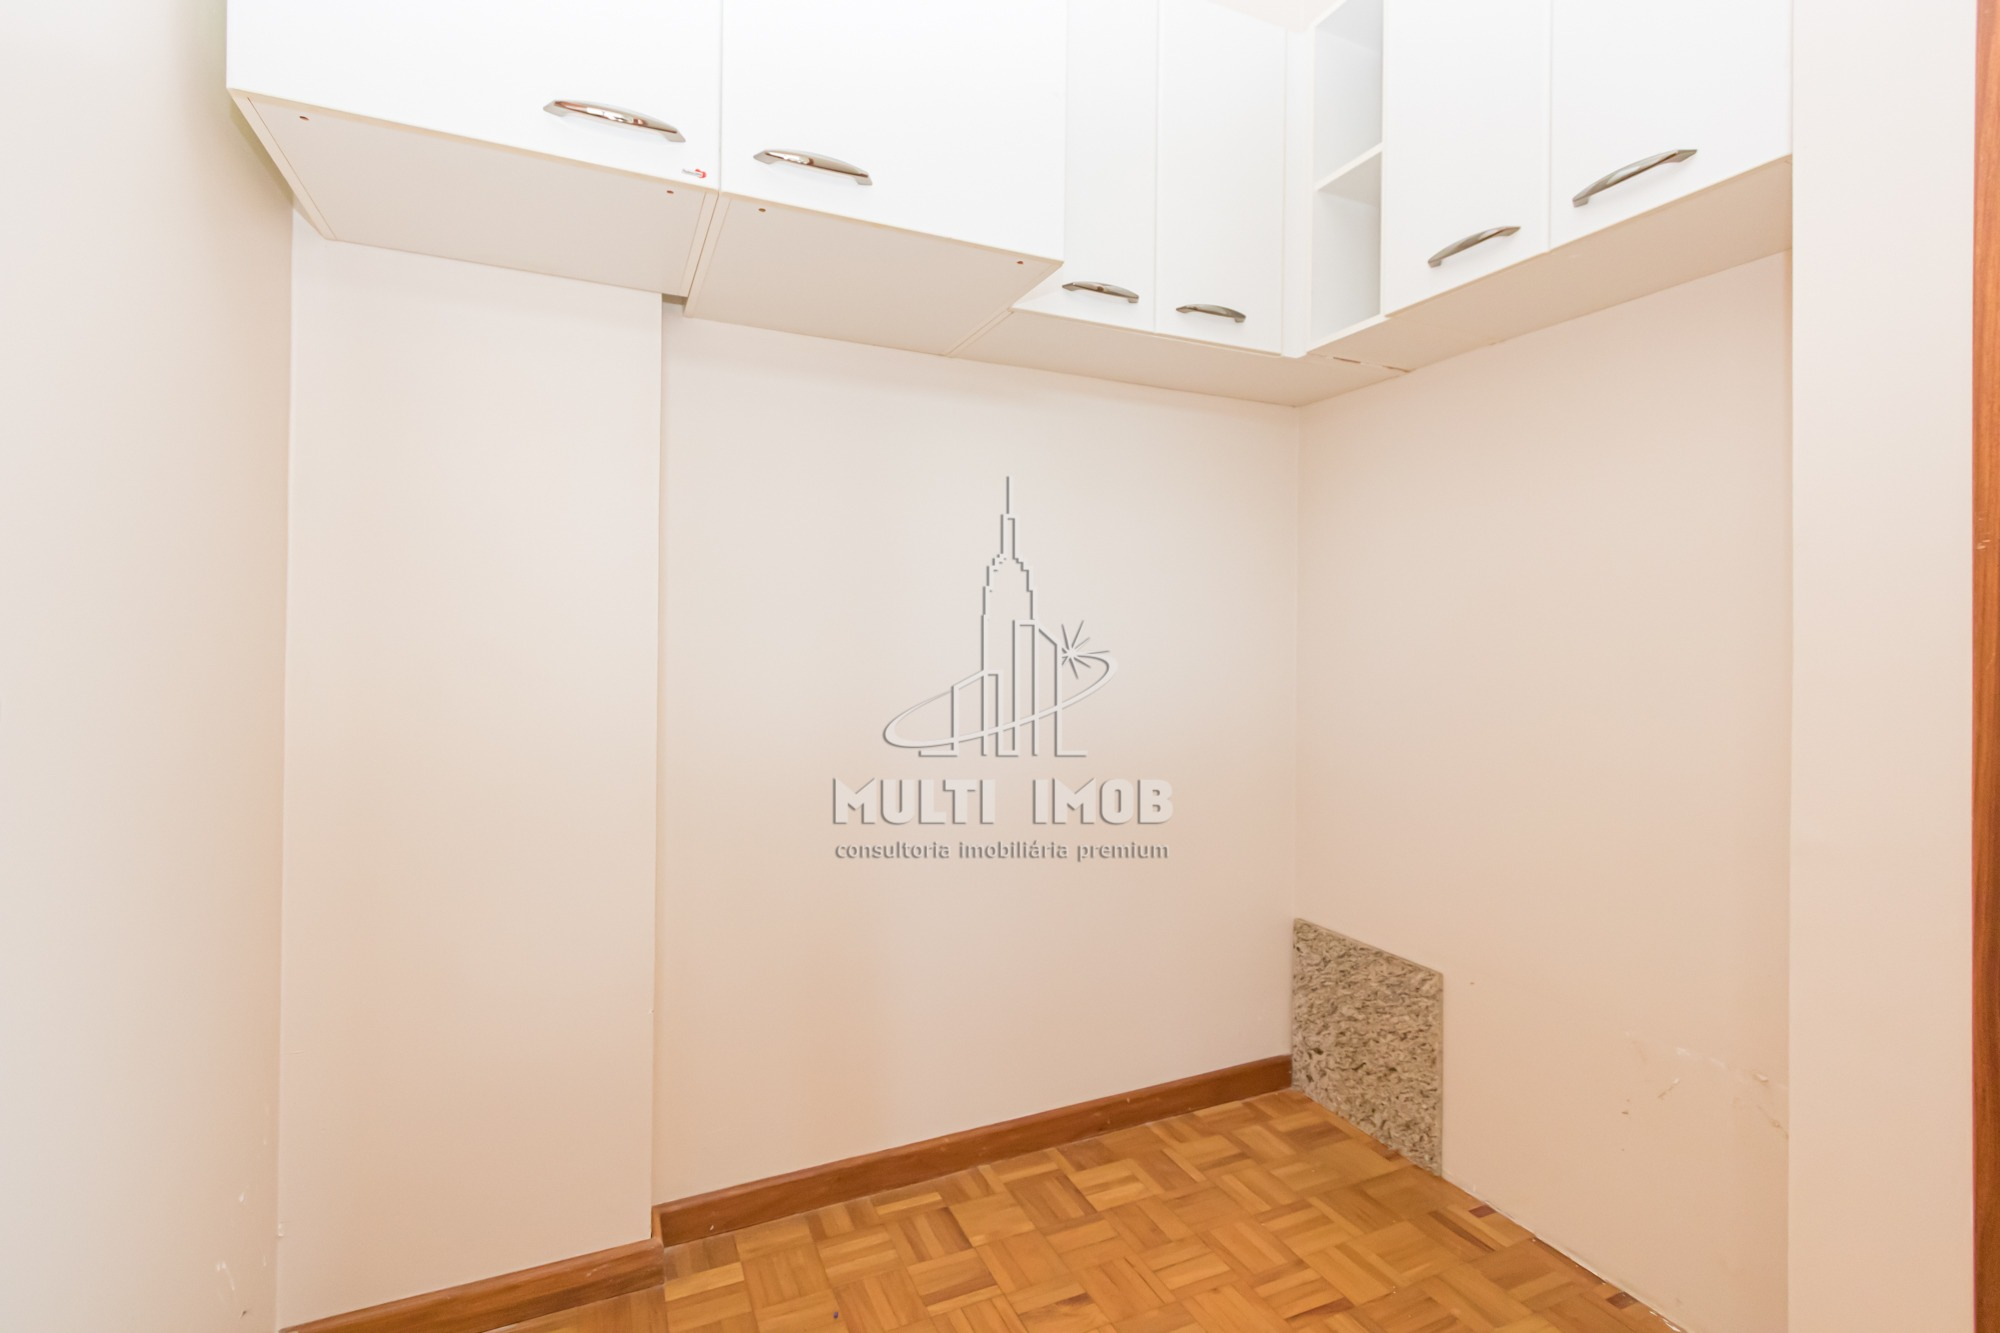 Apartamento  3 Dormitórios  1 Suíte  2 Vagas de Garagem Venda e Aluguel Bairro Petrópolis em Porto Alegre RS